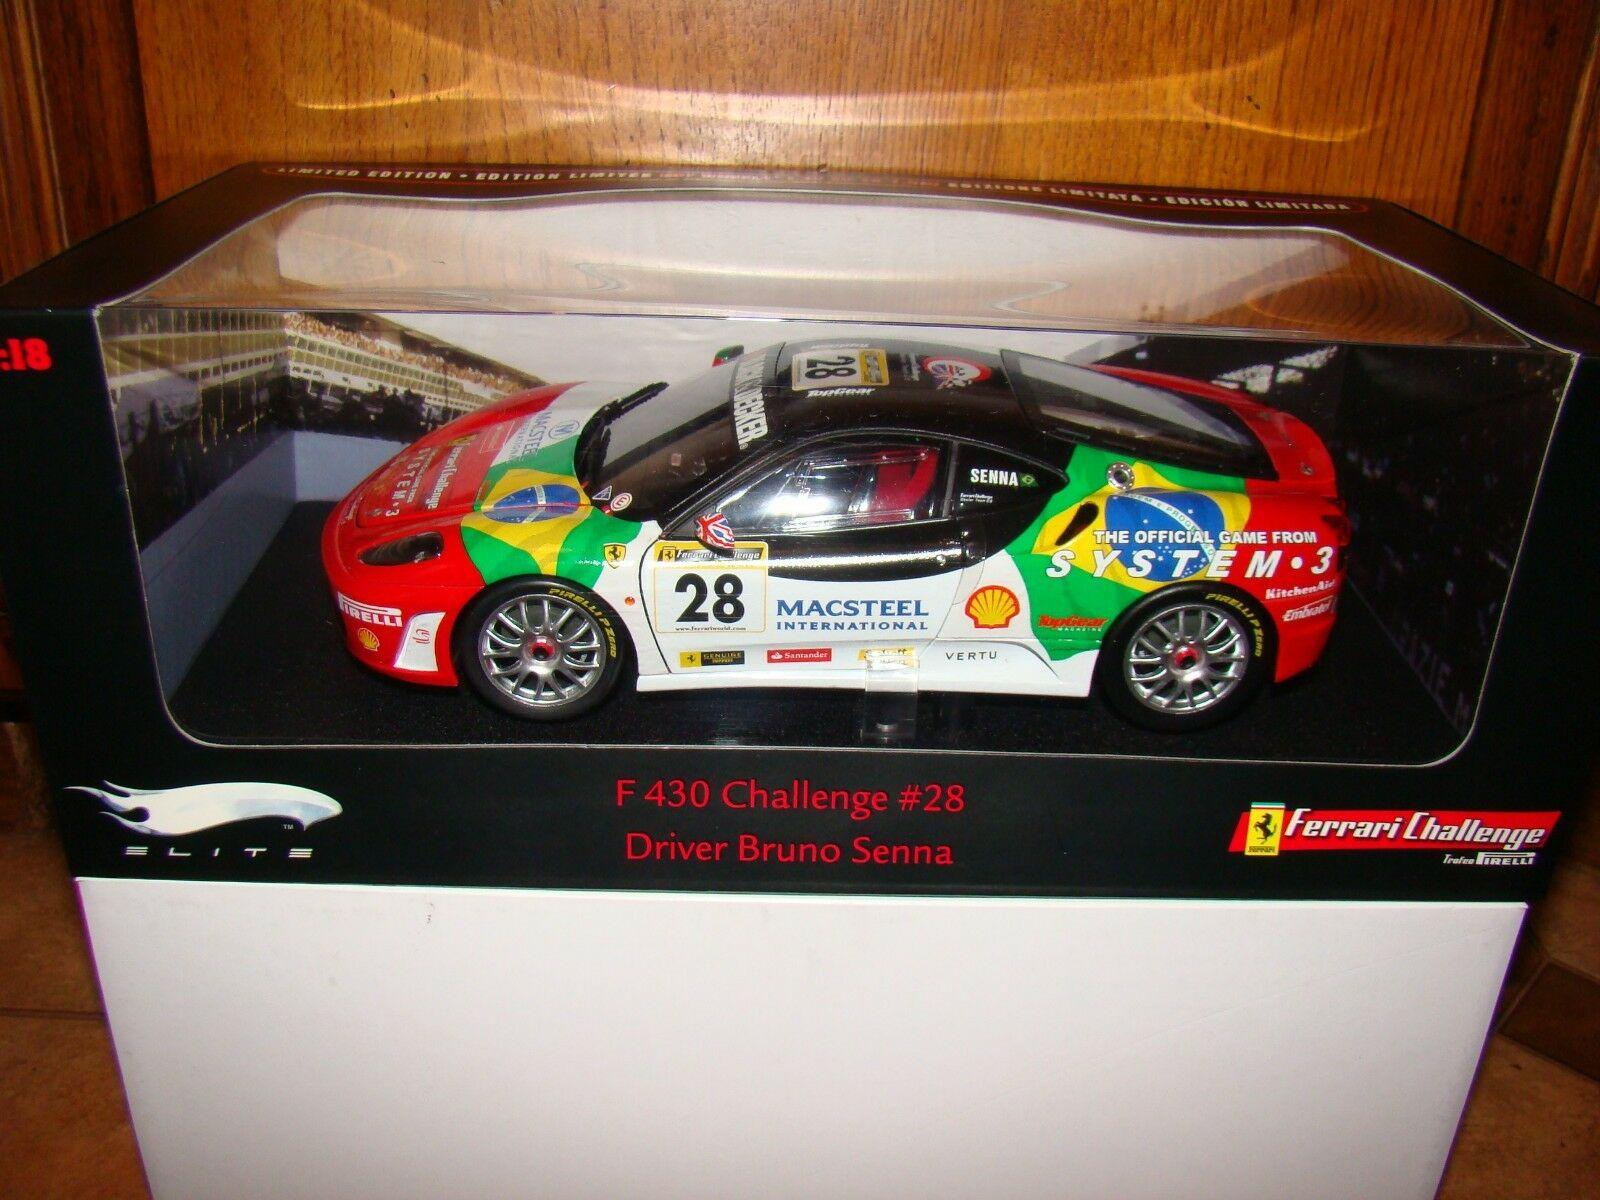 Ferrari f430 challenge senna elite  rouge motor no28 1 18 EME limited rare  envoi gratuit dans le monde entier